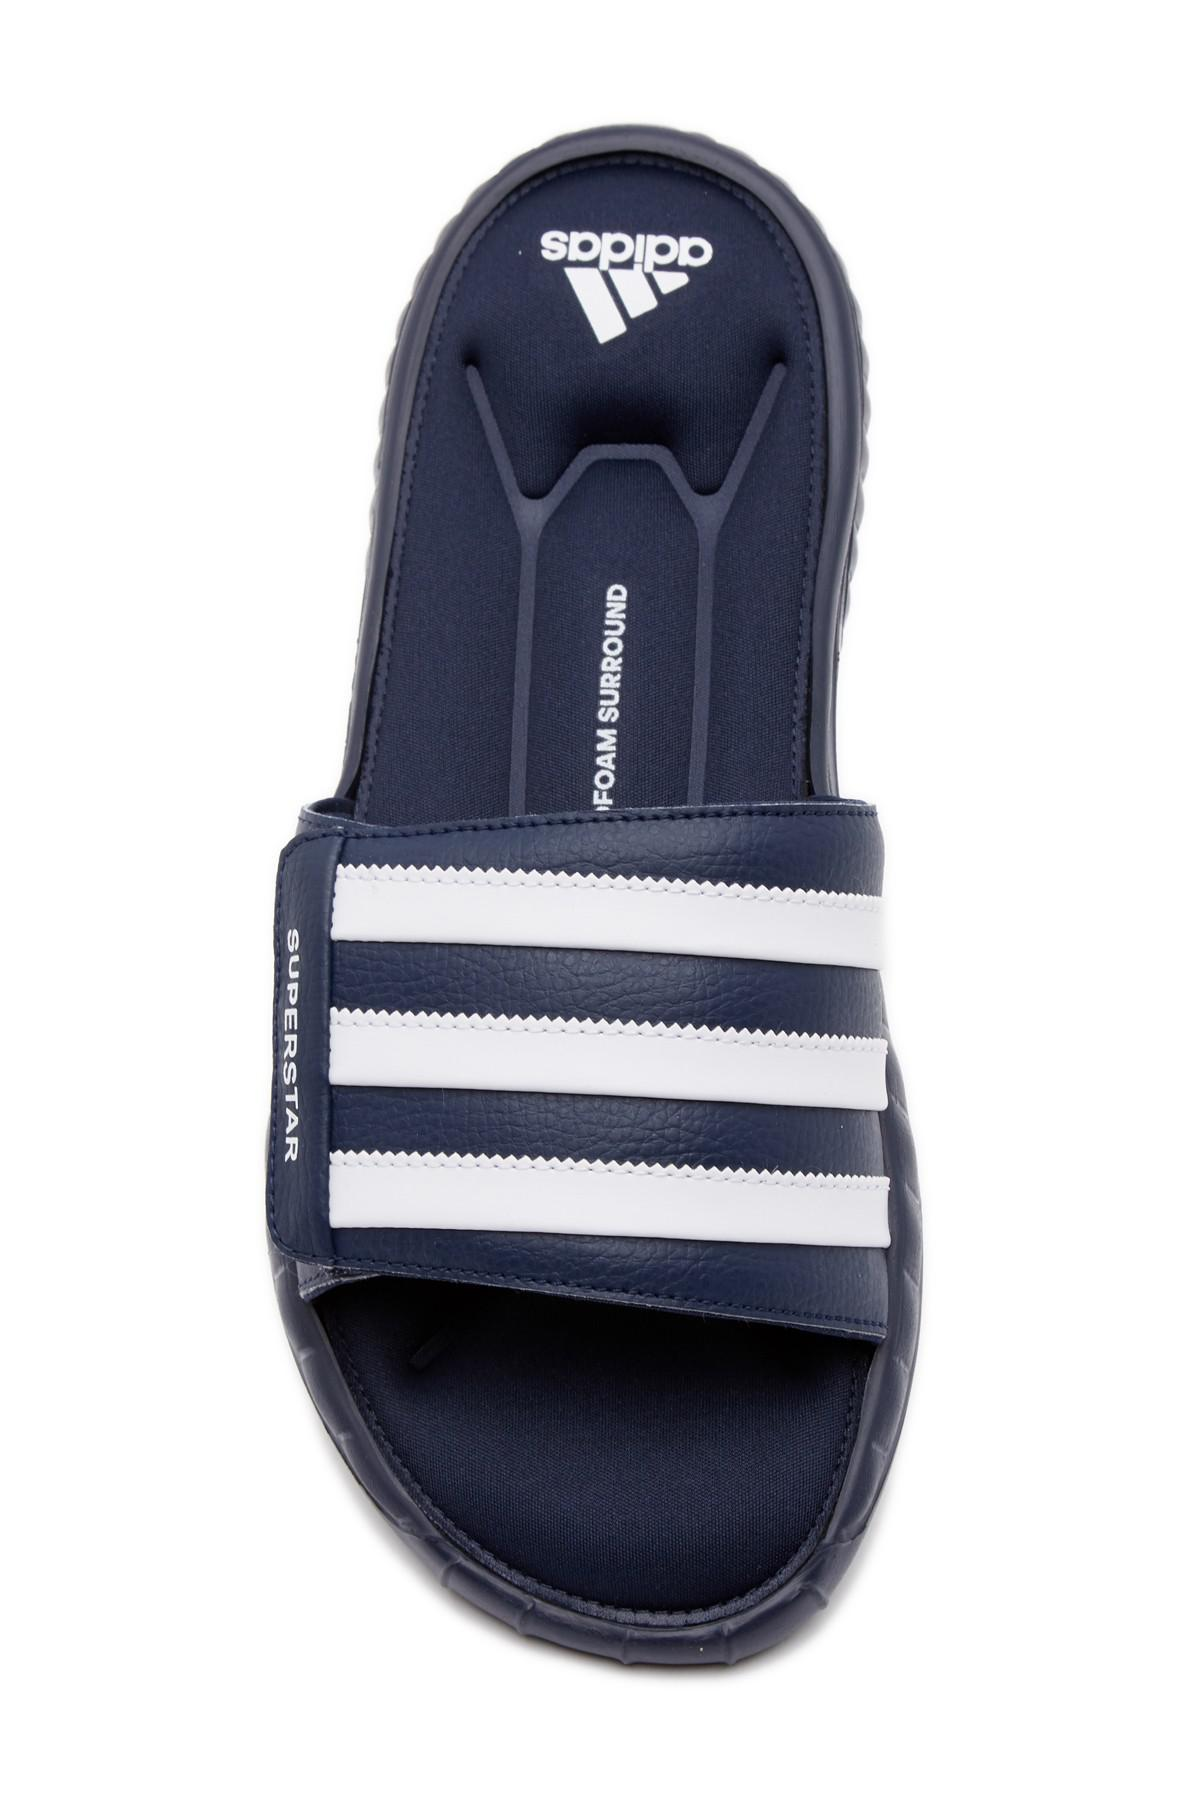 81ceb7e709e35 Lyst - adidas Superstar 3g Slide Sandal (men s) in Blue for Men